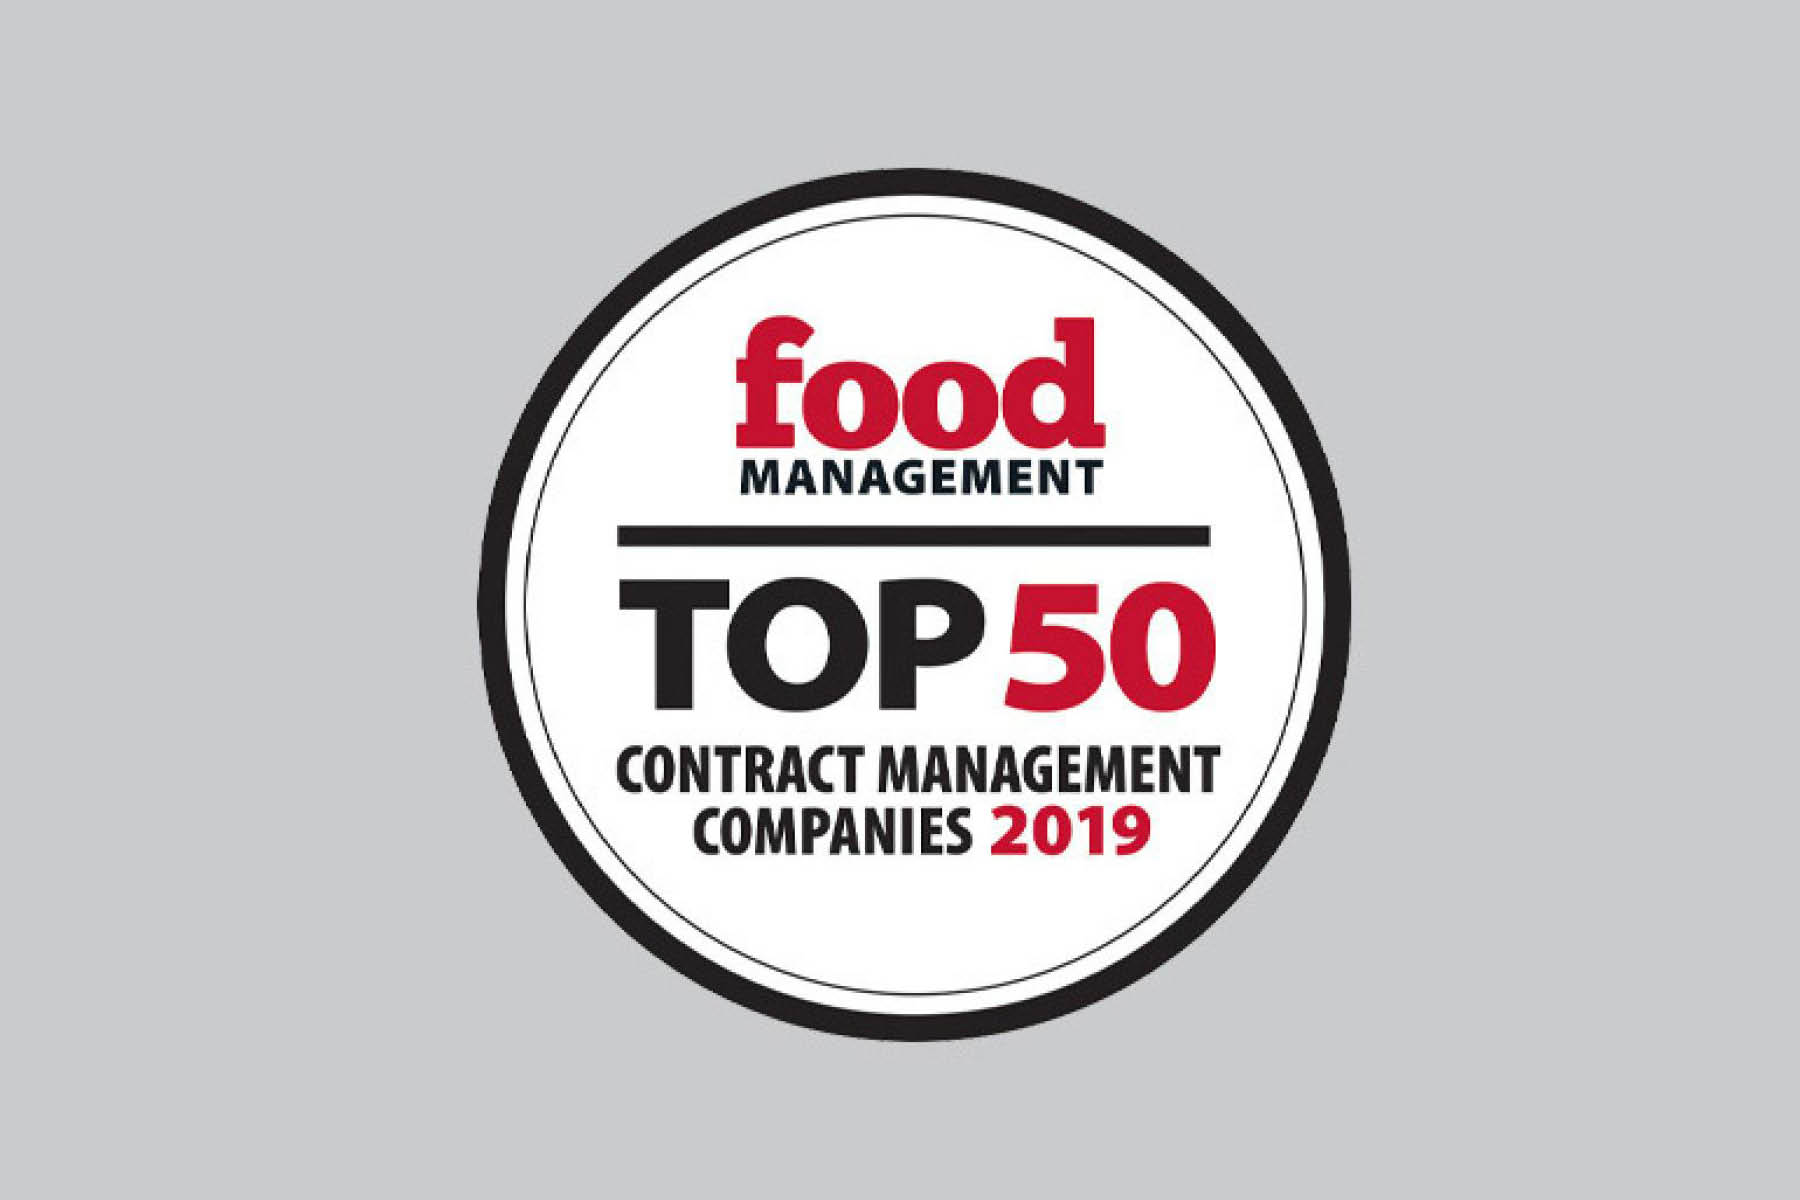 News — Quest Food Management Services